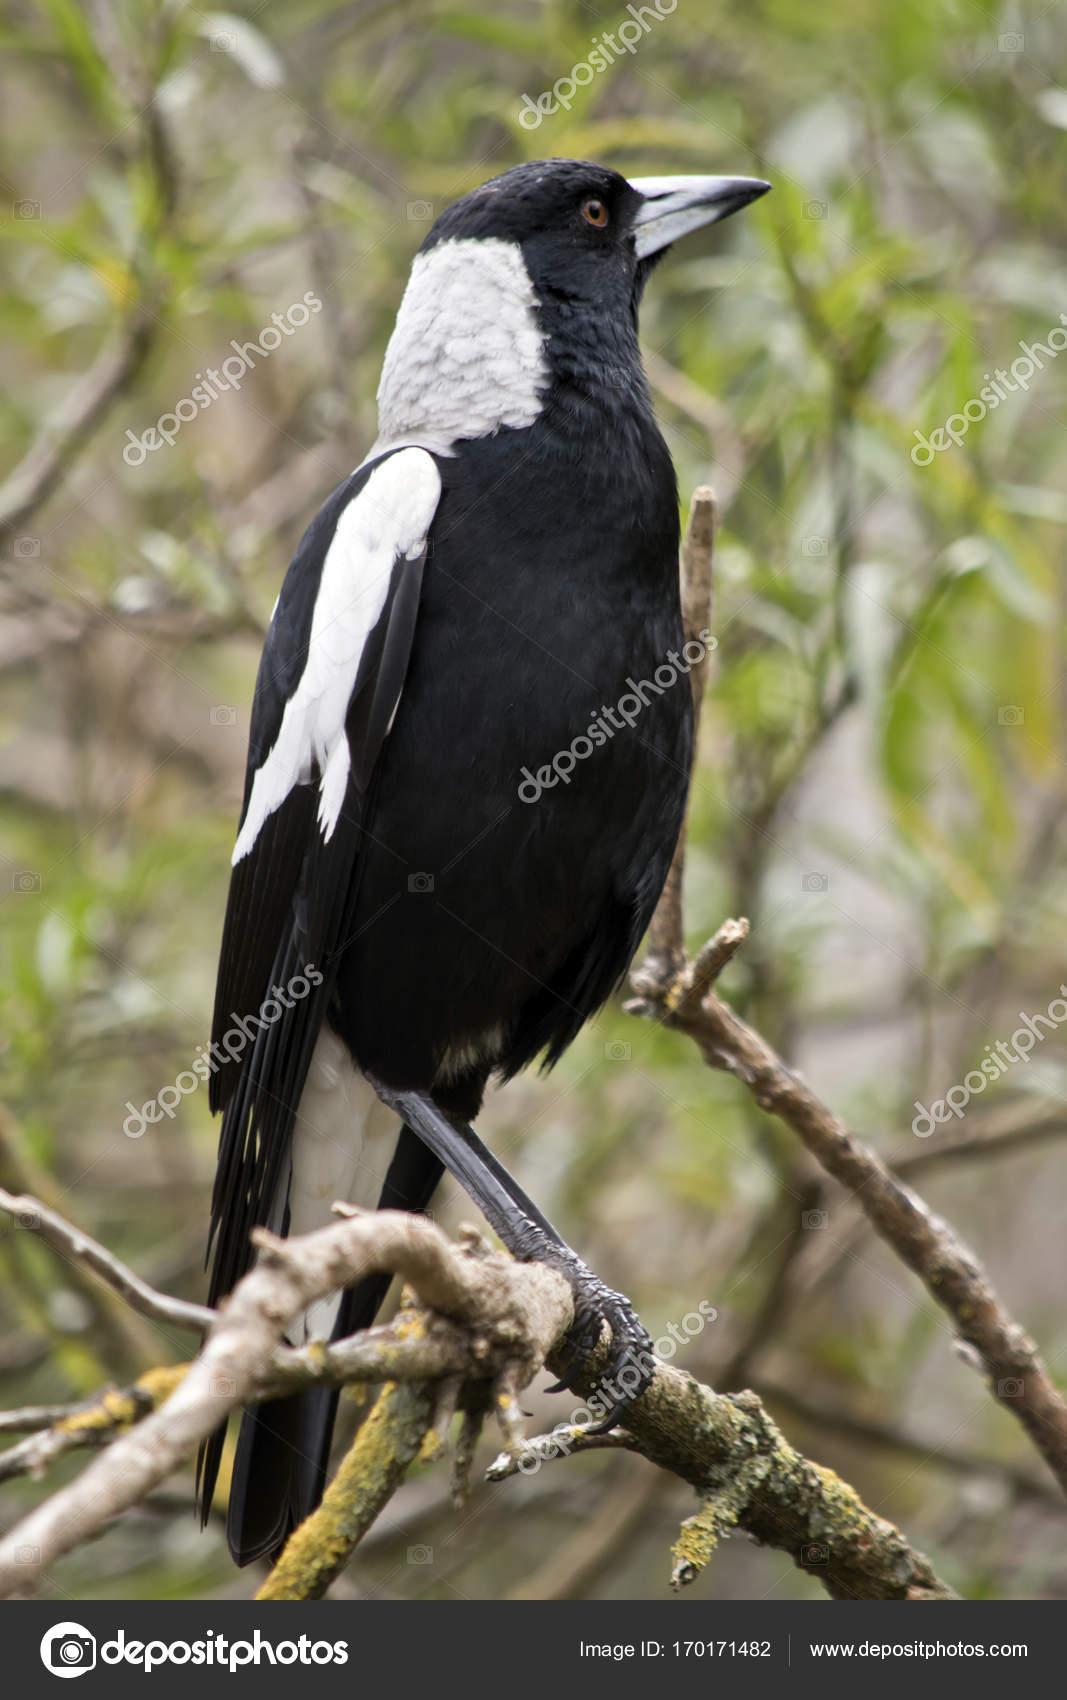 Fotos Urracas Negras Aves Urraca Australiana Foto De Stock